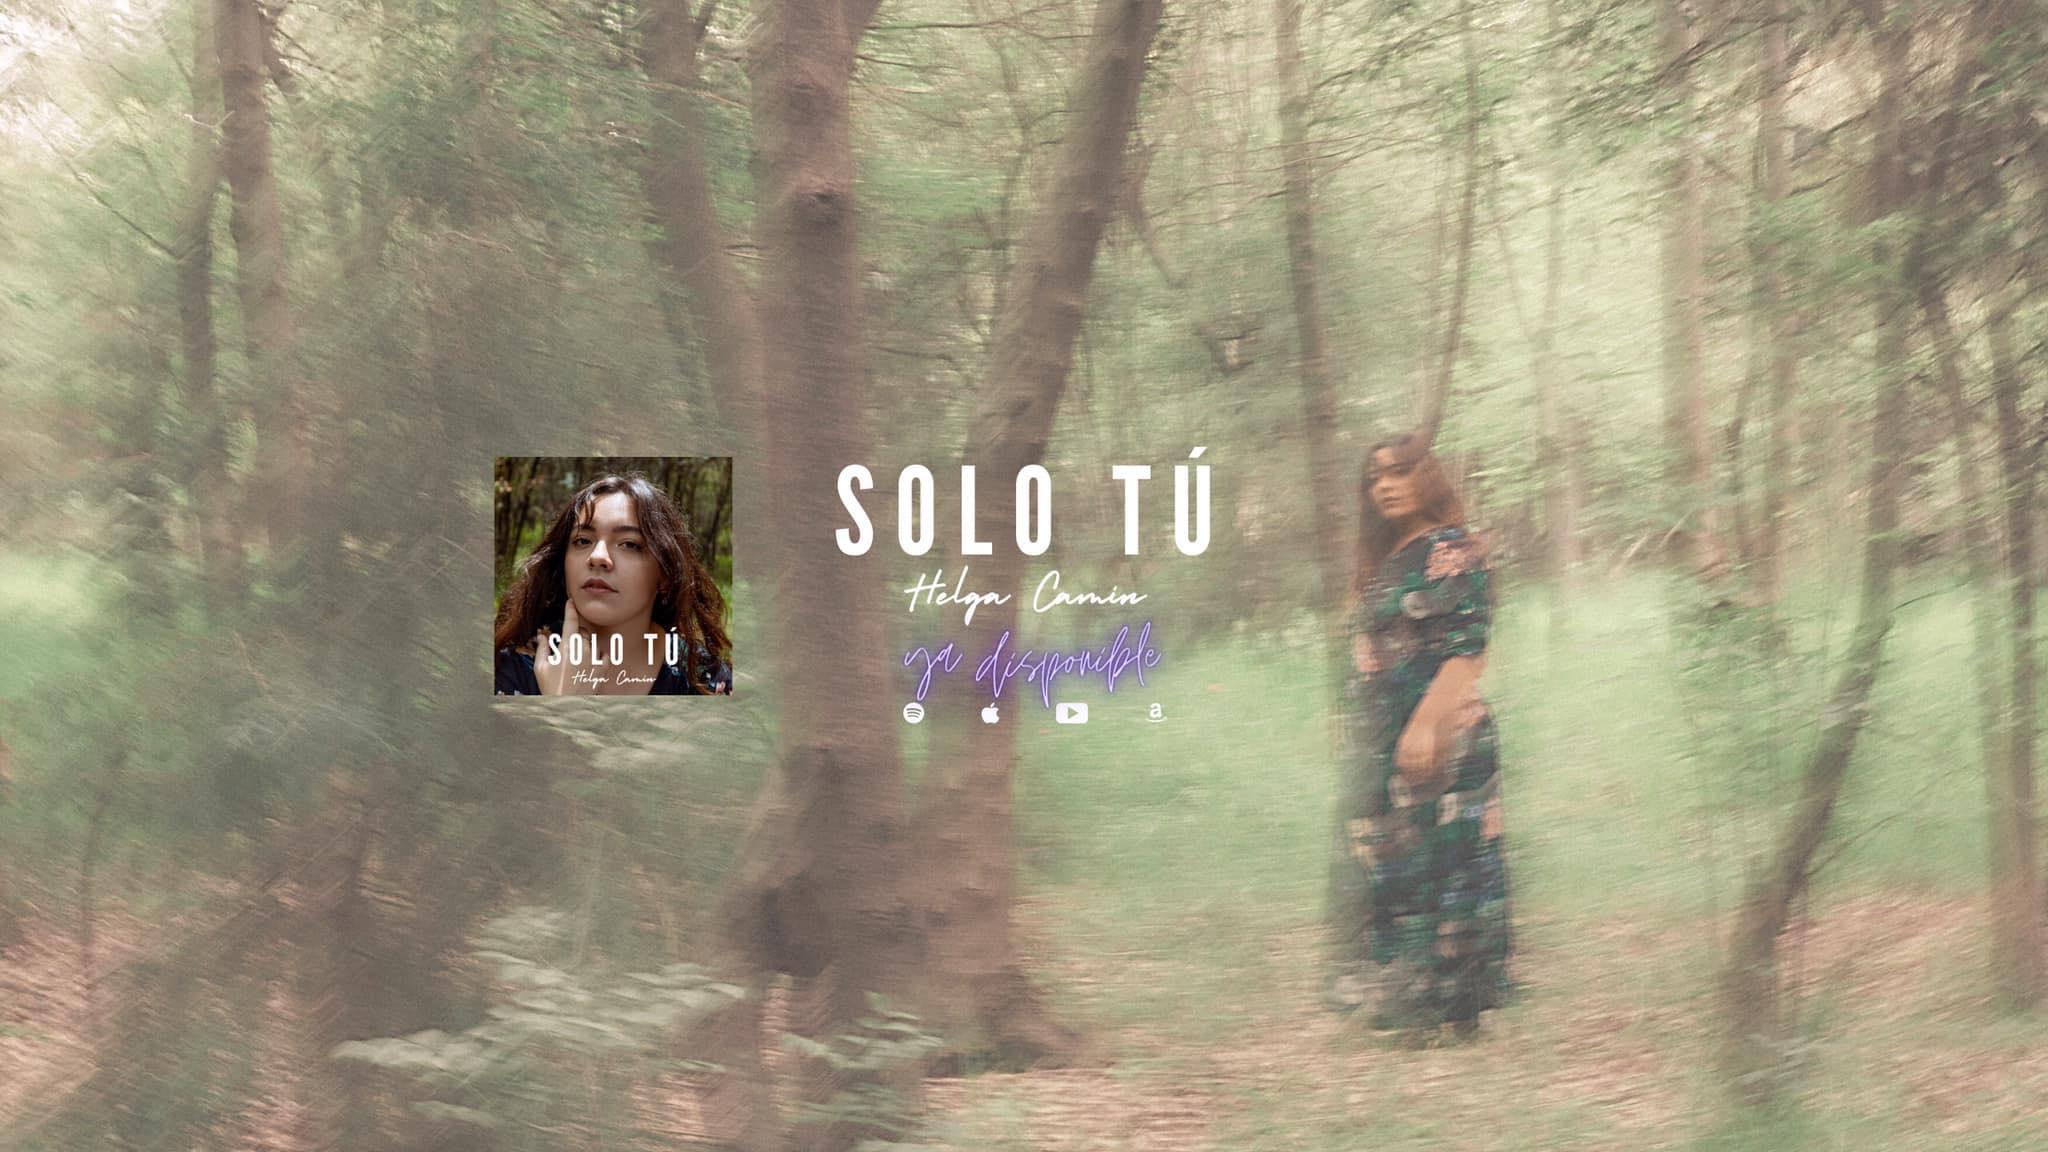 Helga Camín - Solo Tú